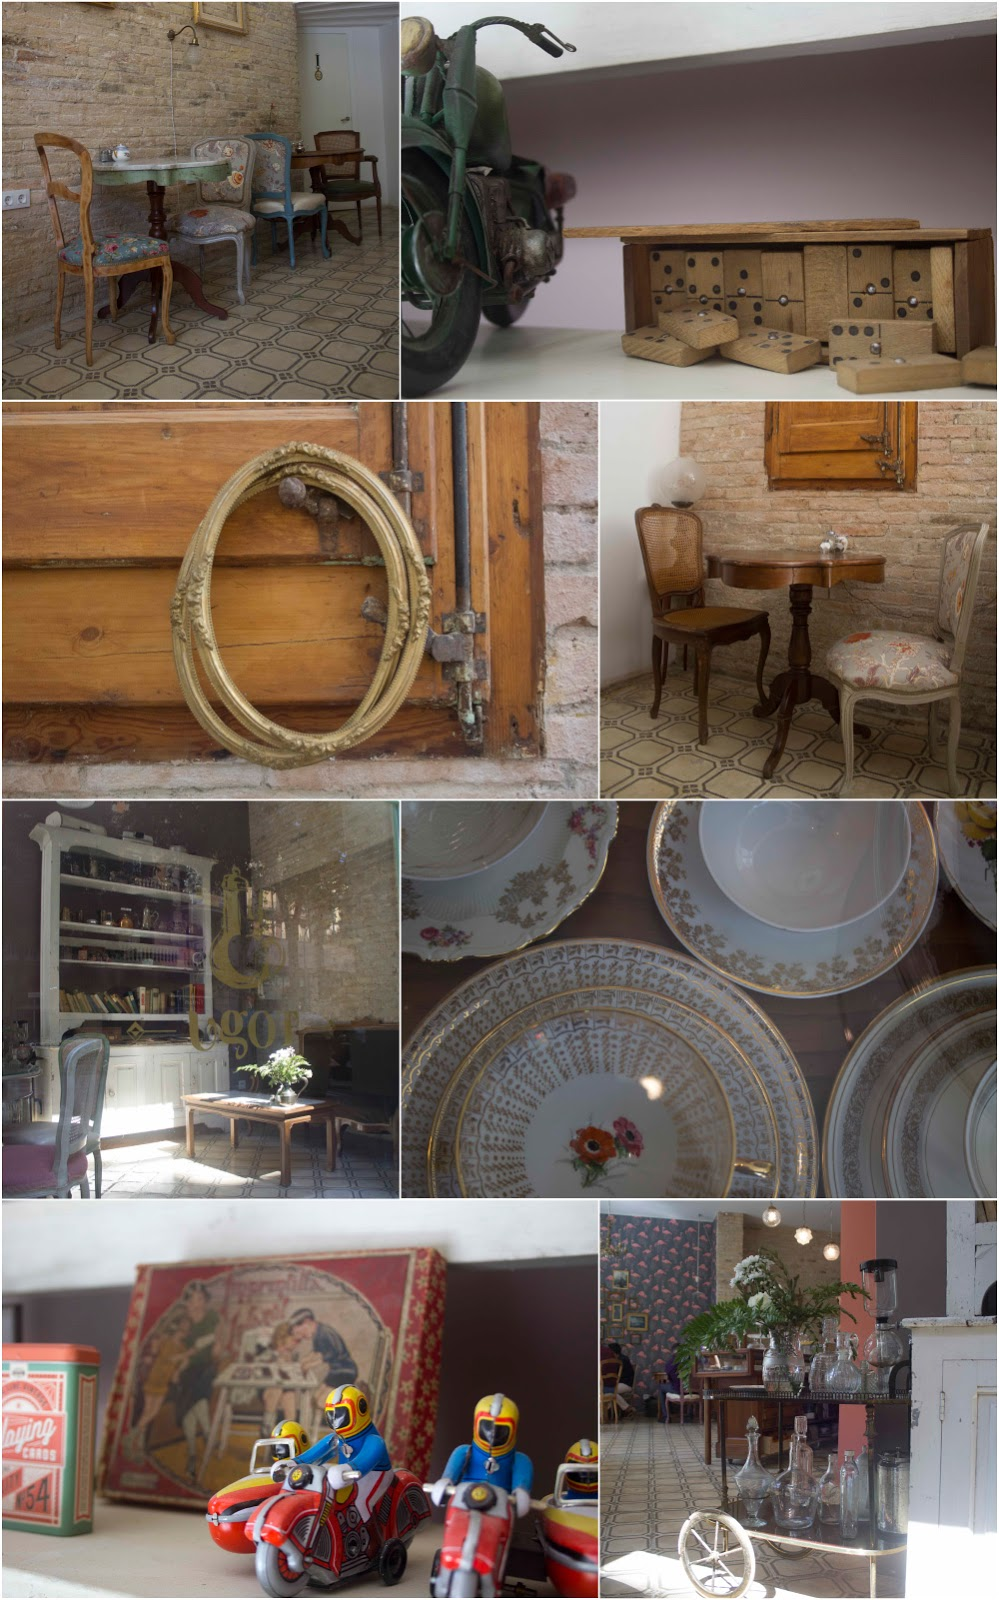 Objetos y detalles vintage en Ugot - Barcelona